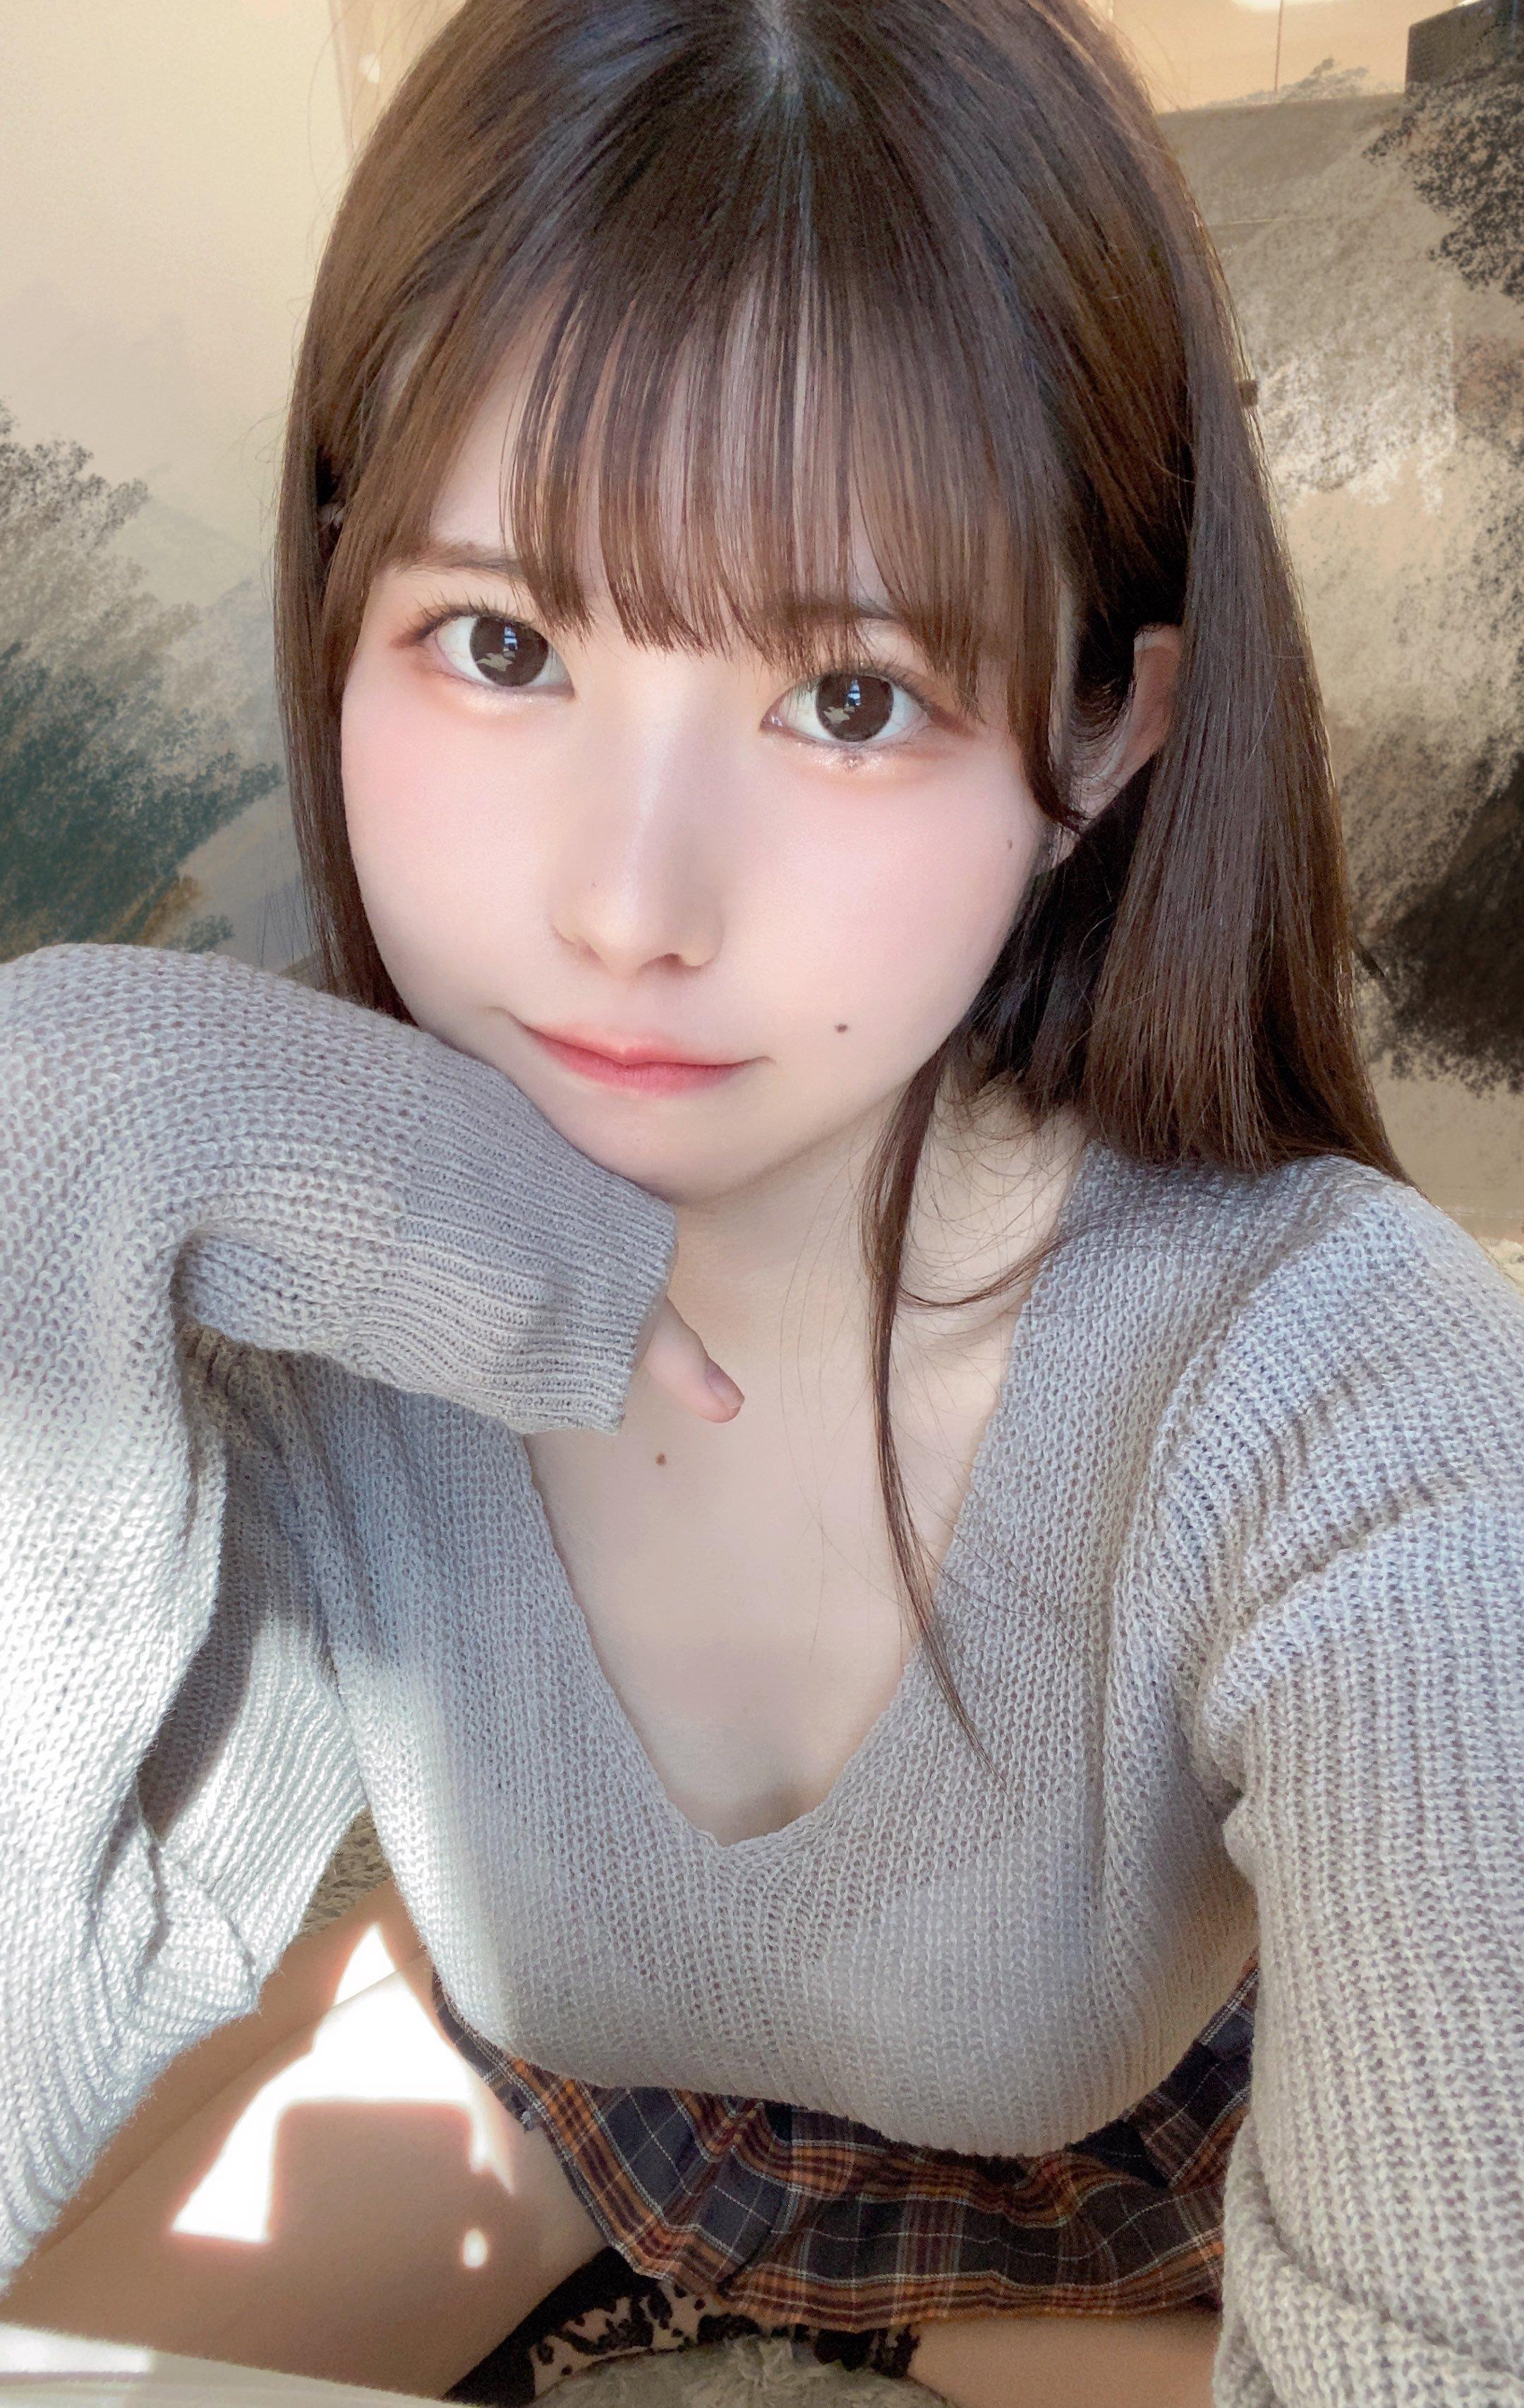 猫耳女仆甜到心坎 海边JK夏日感觉-COS精选二百六十弹 动漫漫画 第70张